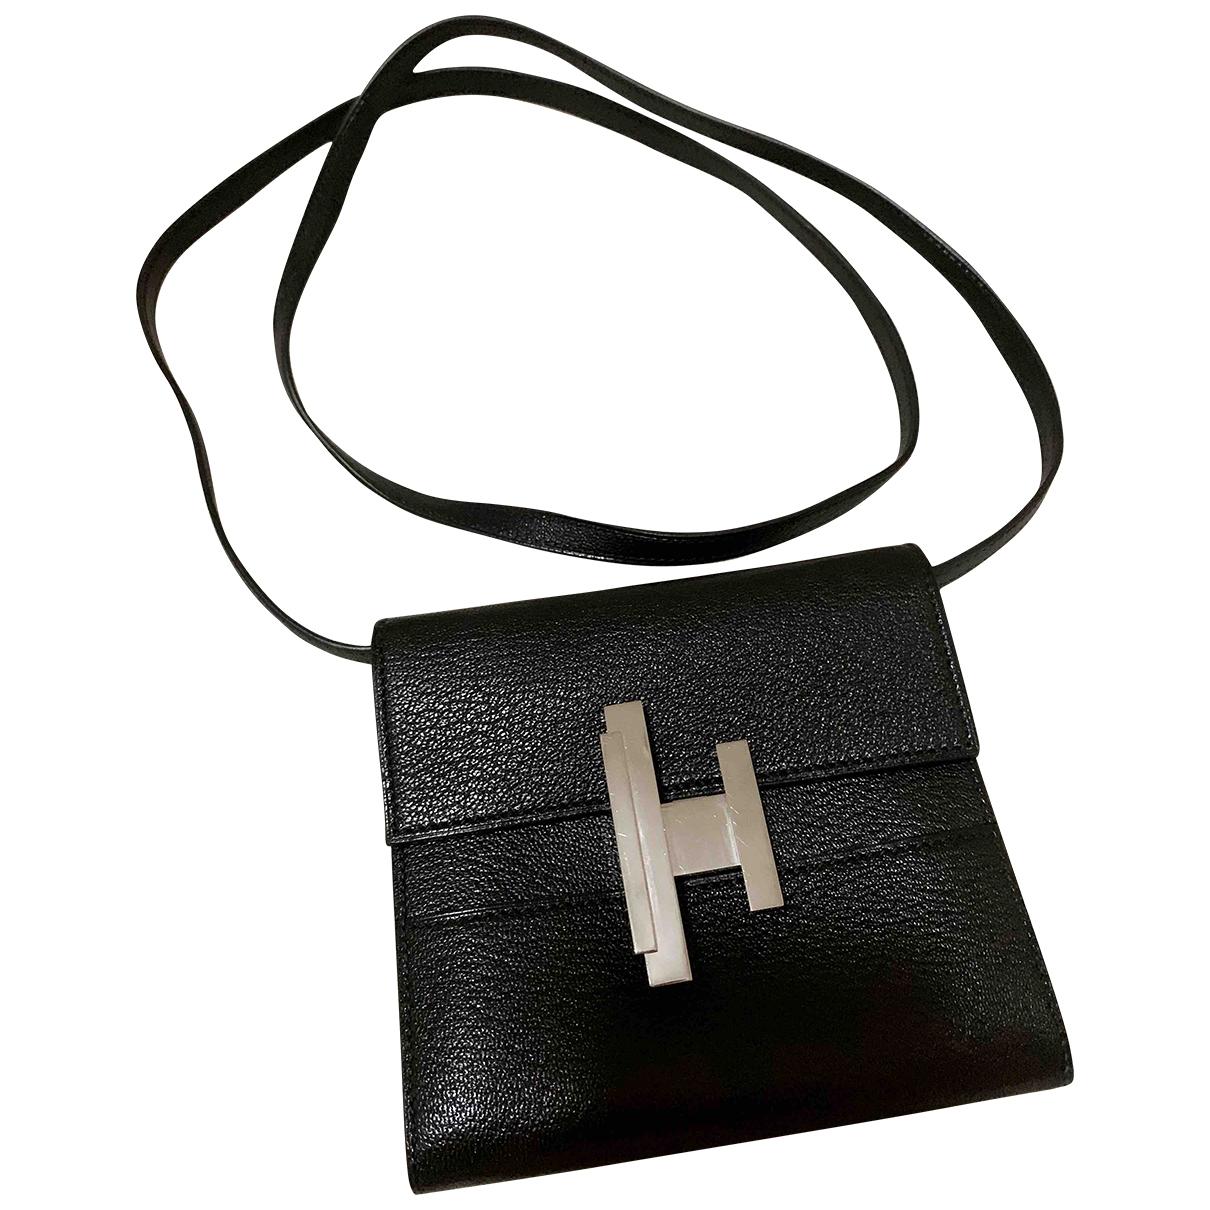 Hermes Cinhetic Handtasche in  Schwarz Leder